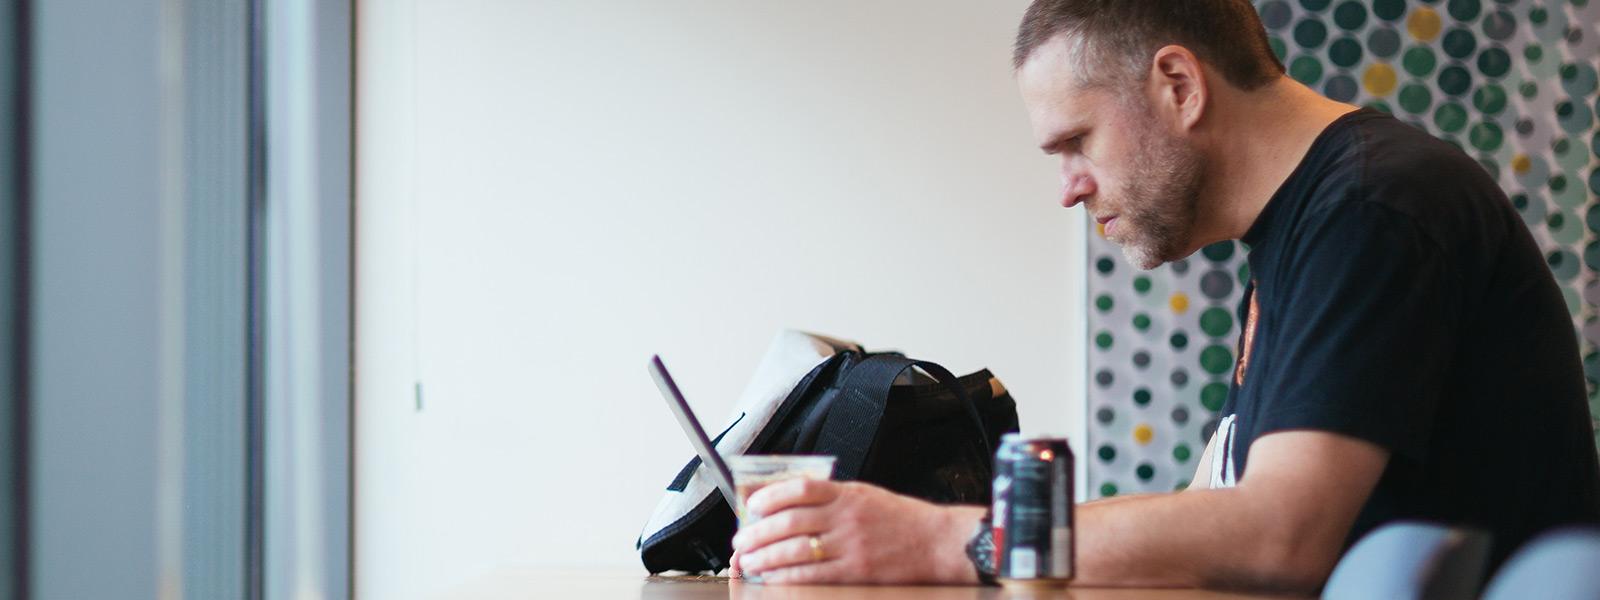 Mężczyzna siedzący przy biurku ipracujący na komputerze zWindows10